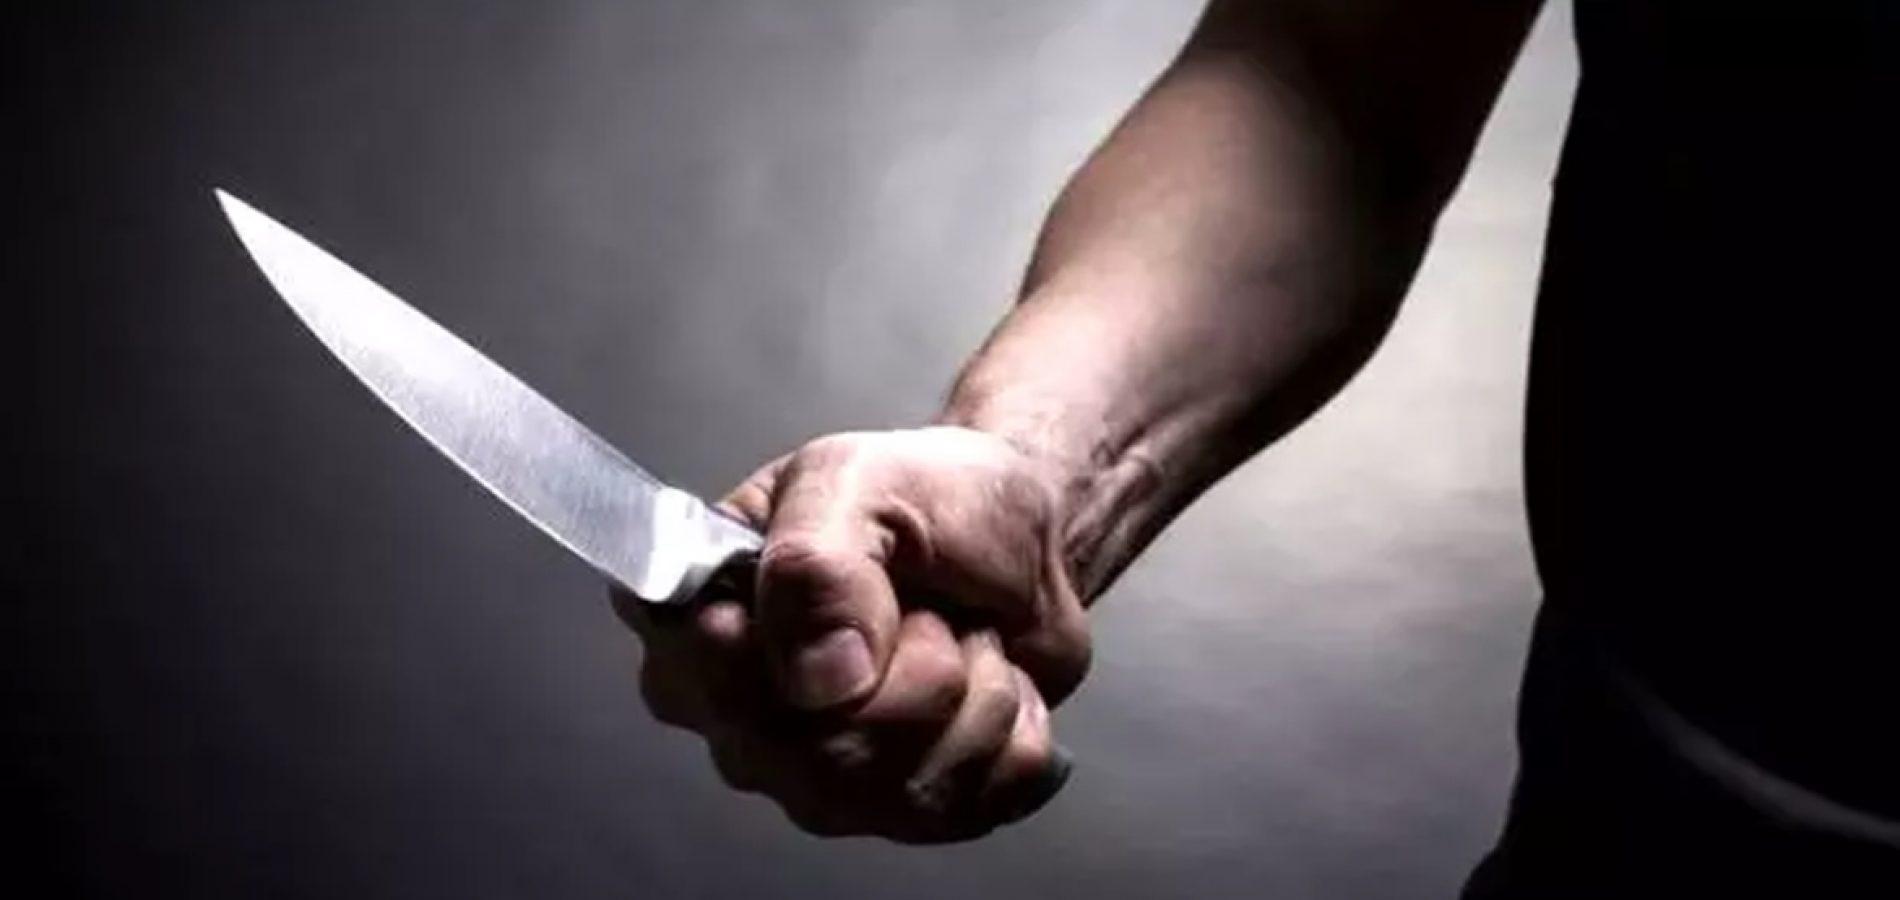 Homem mata amigo com facada no pescoço no Piauí